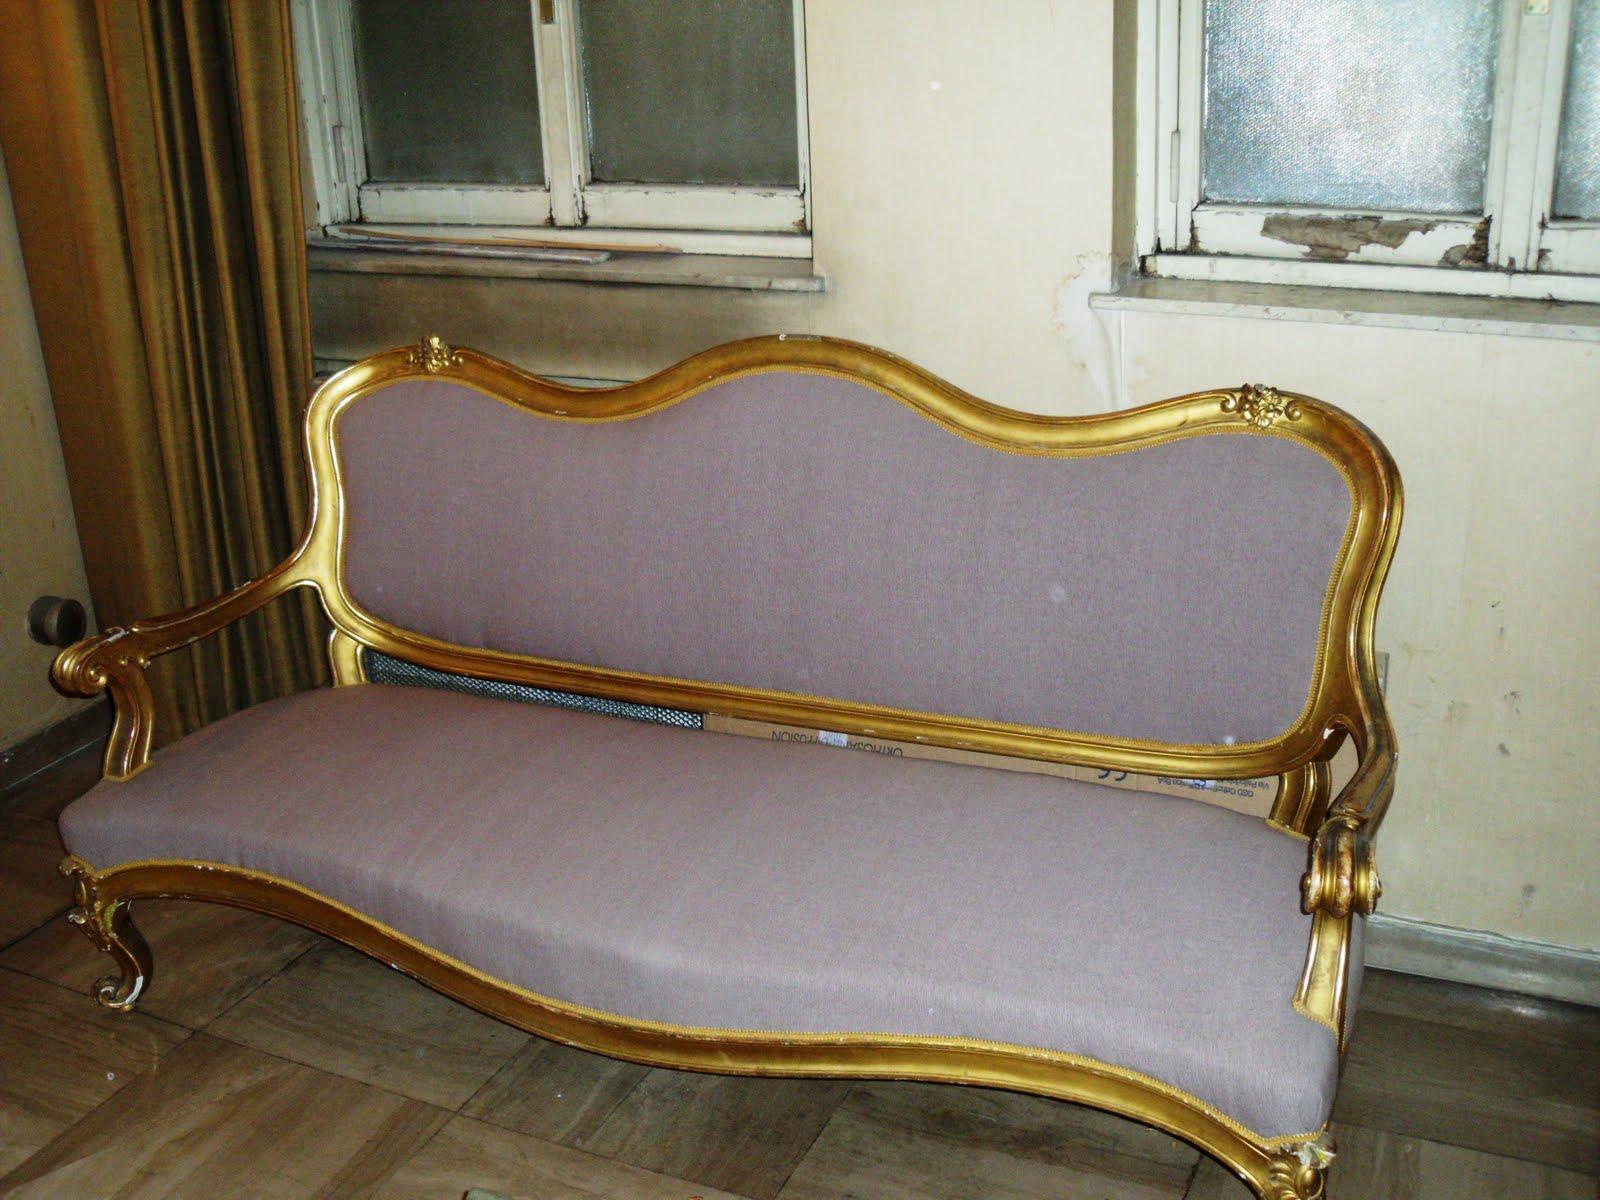 Catologo mobili divano dorato luigi filippo - Divano luigi filippo quotazione ...